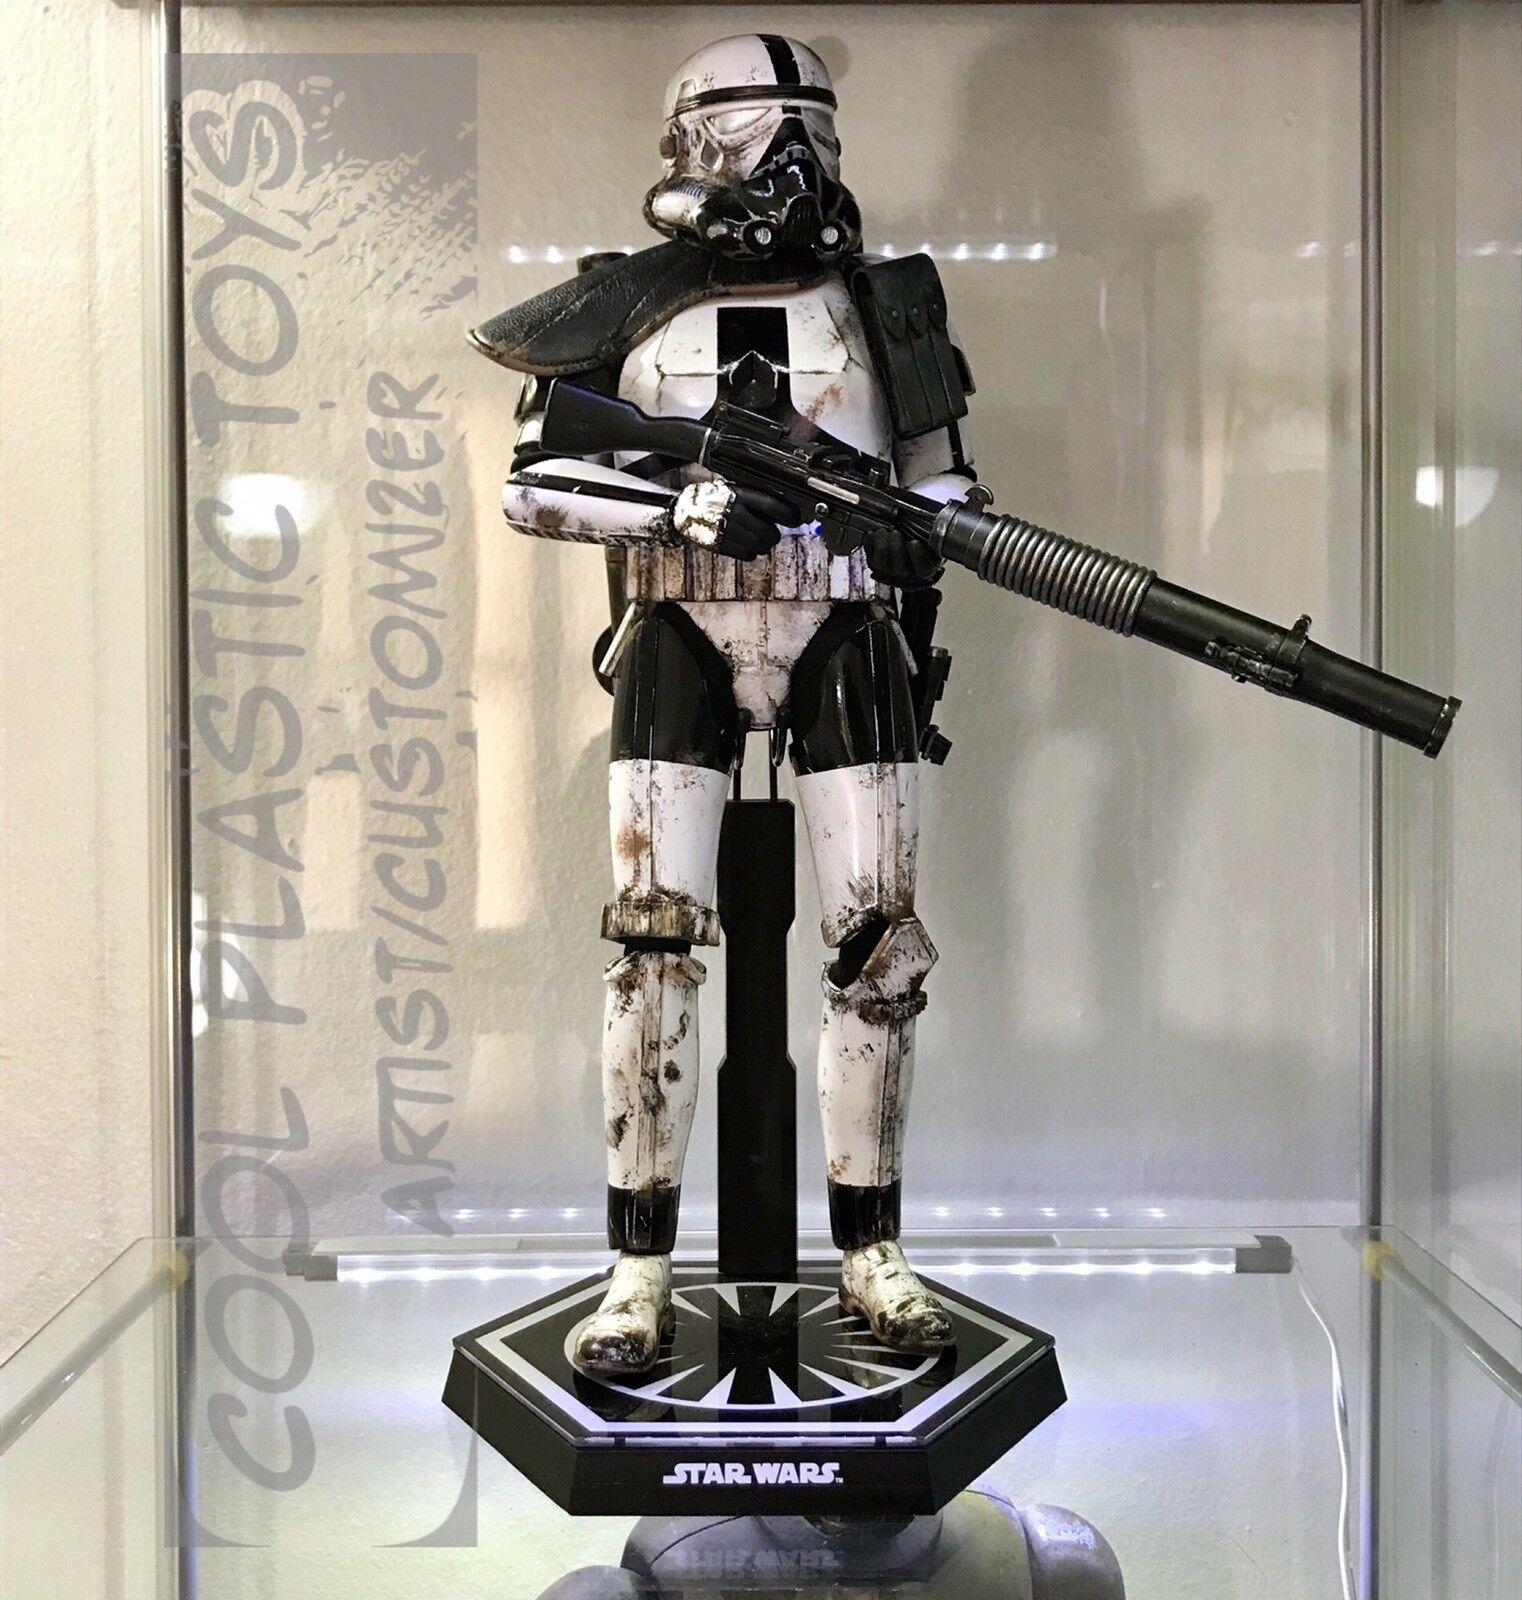 Tienda de moda y compras online. Sideshow Hot Juguetes Estrella Wars Stormtrooper Imperial escala 1 1 1 6 figura Personalizada  autorización oficial